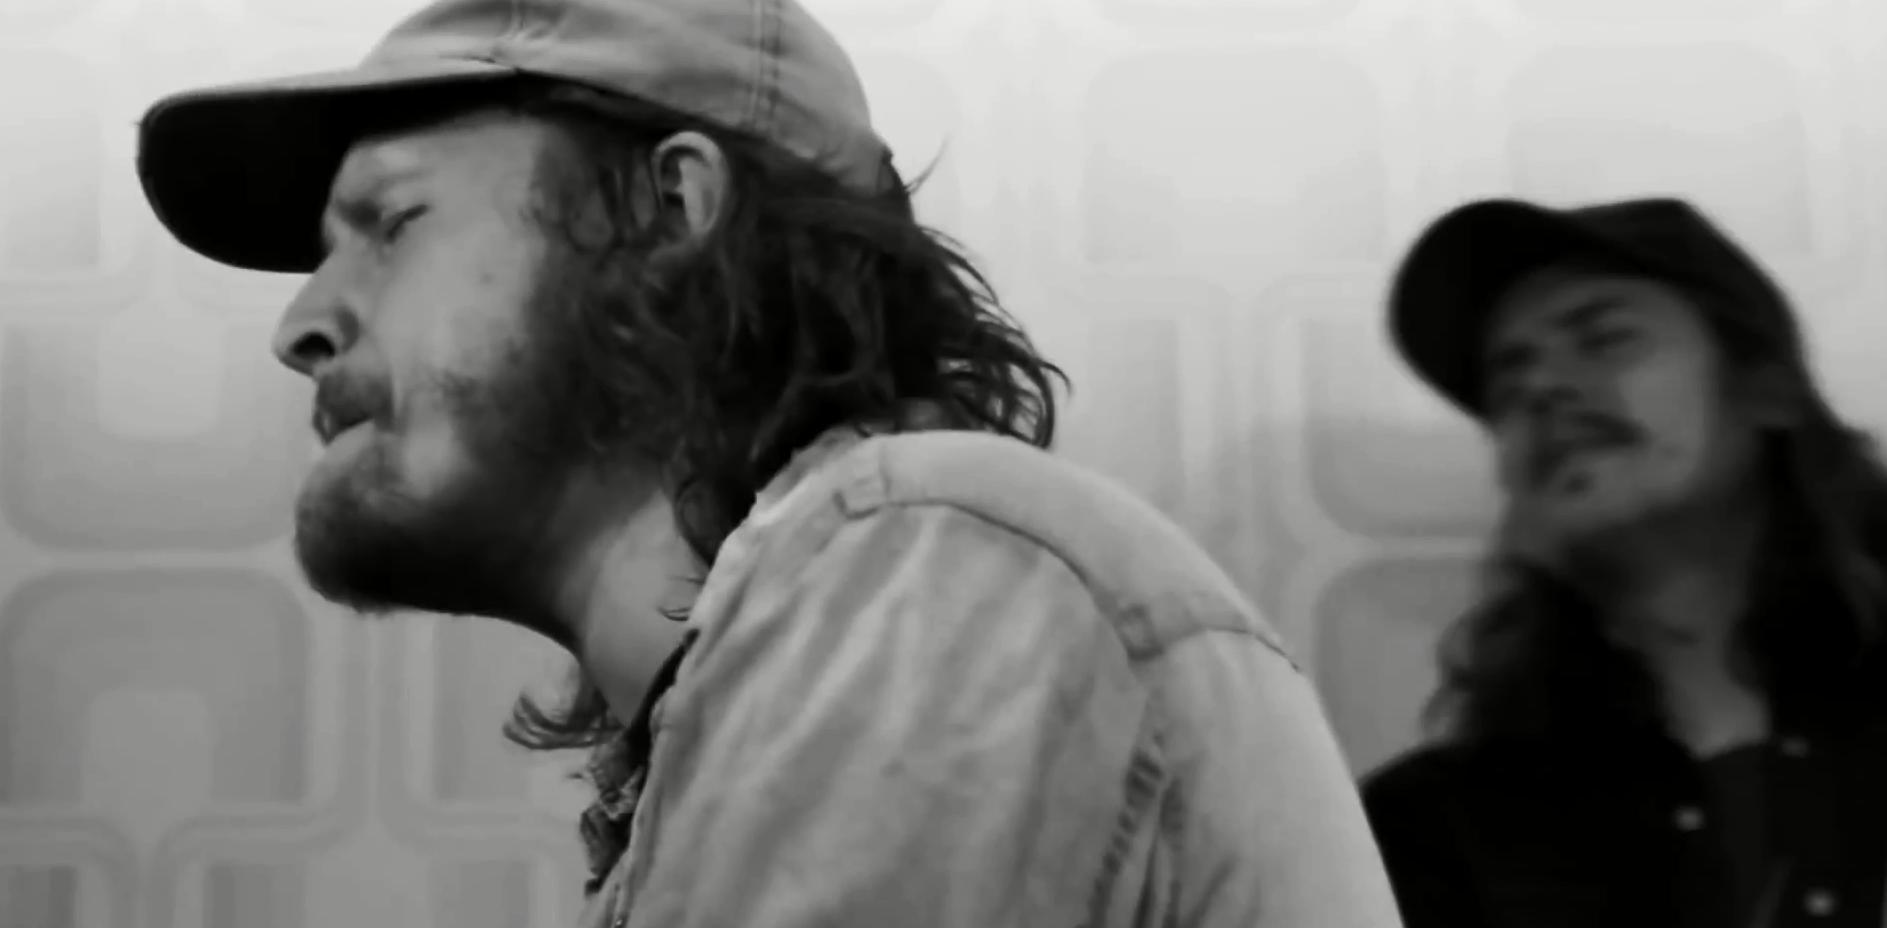 Hembydger del 3: Daniel Norgren om hembygden i musiken